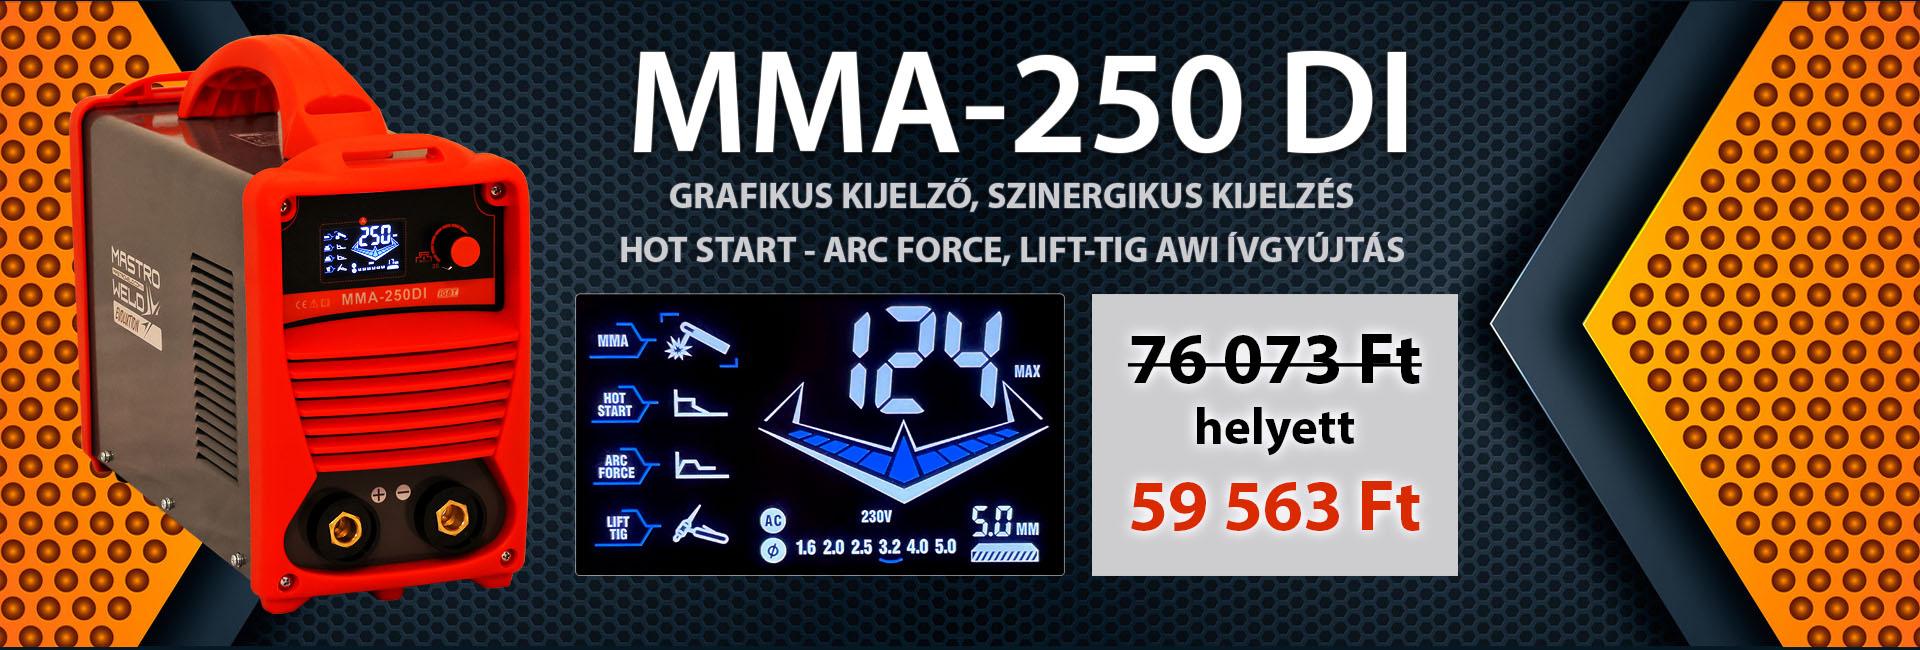 MMA-250 DI